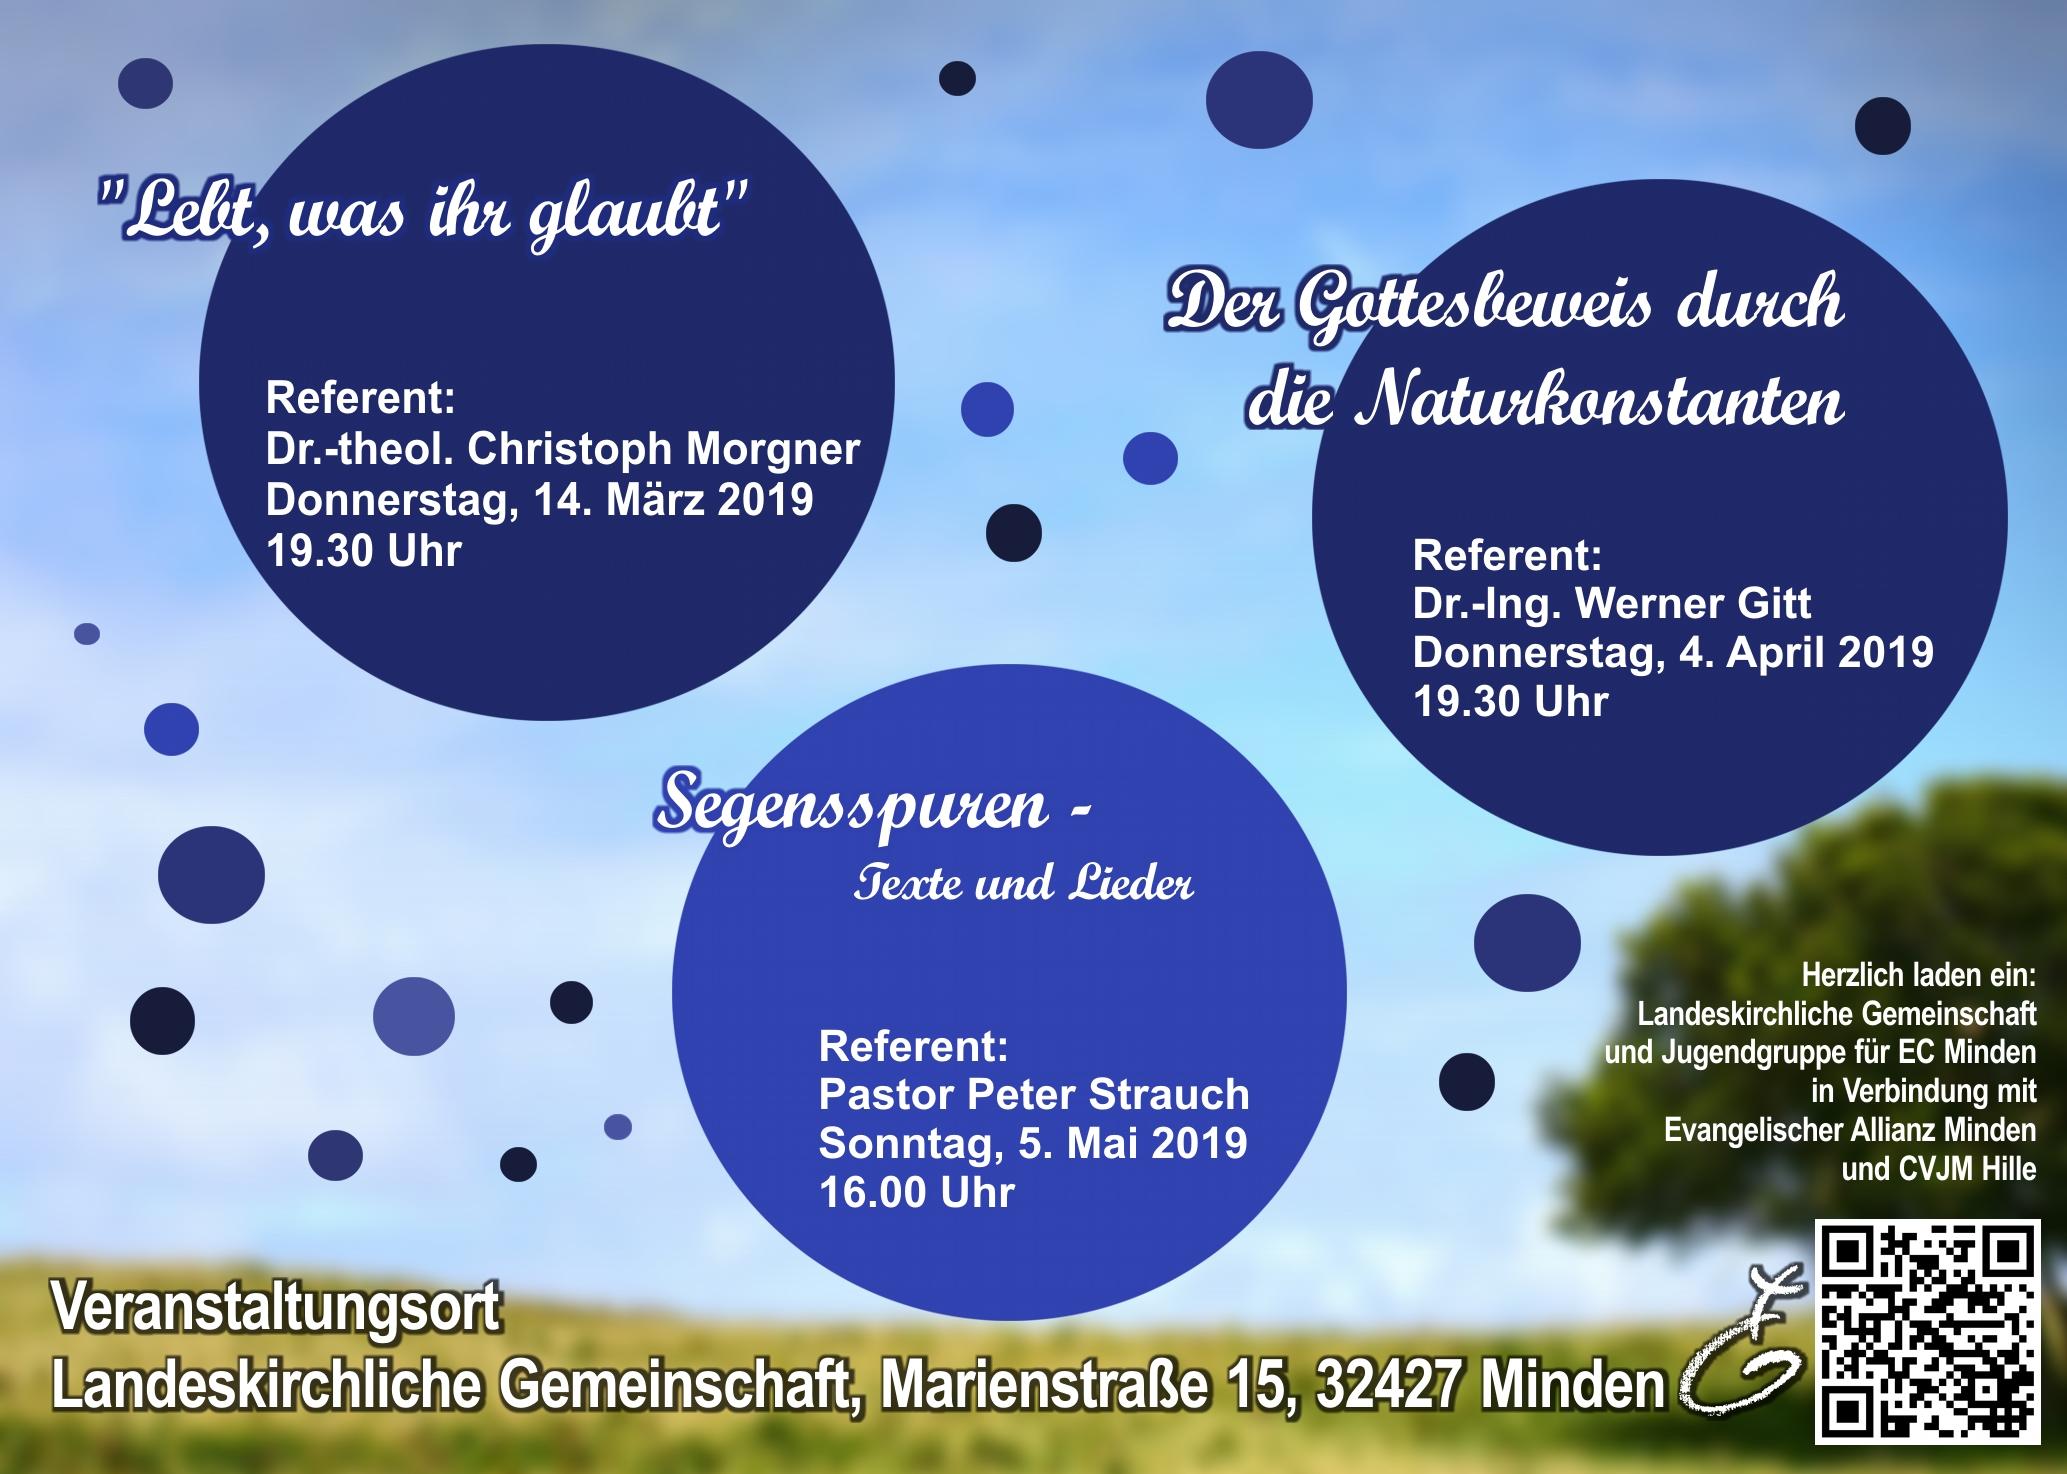 Vortrag mit Gunnar Garms von Open Doors